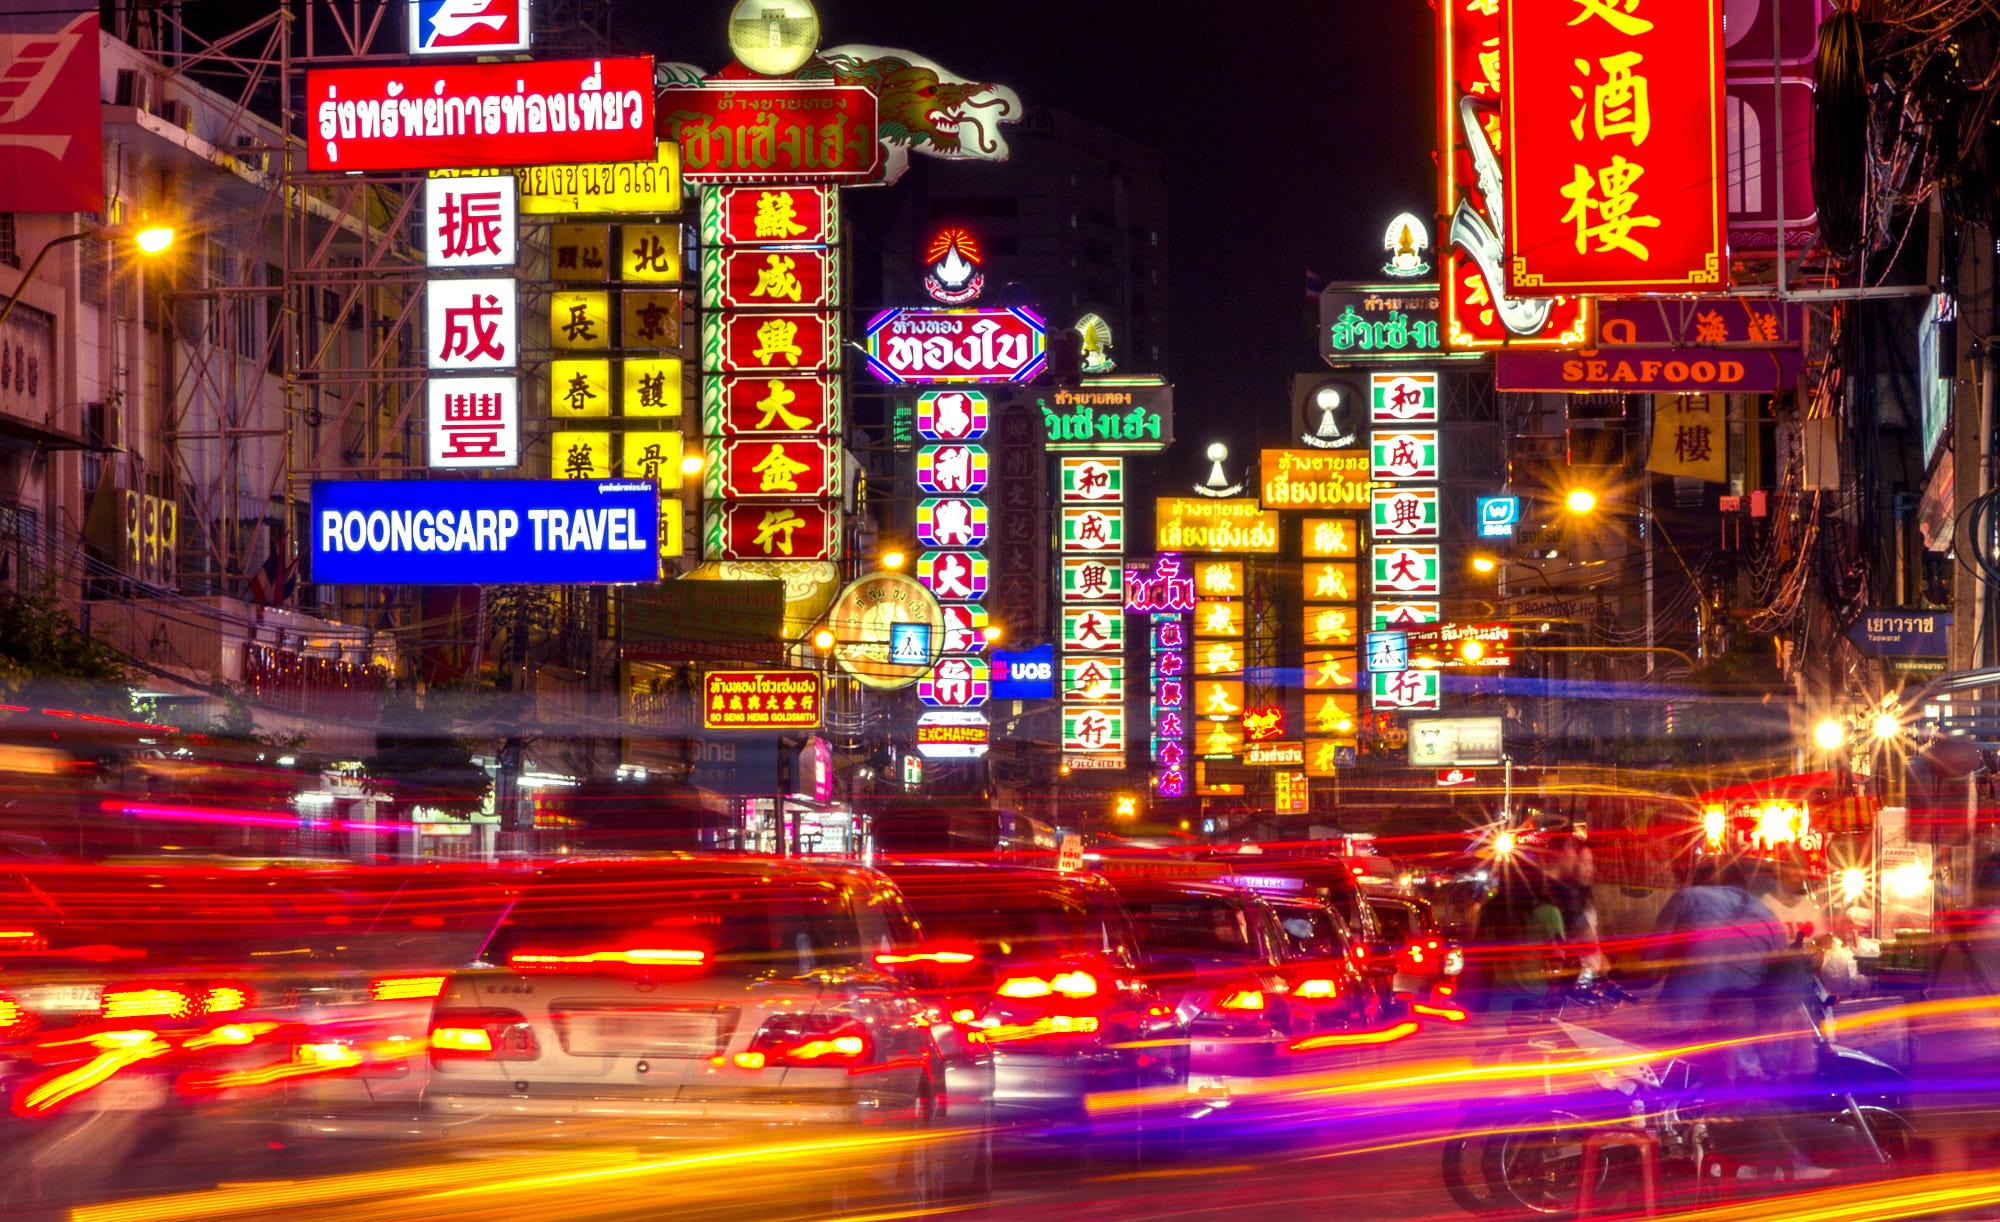 【泰國品質6天游】泰國+東方公主號+斯拉差龍虎園+76層自助餐